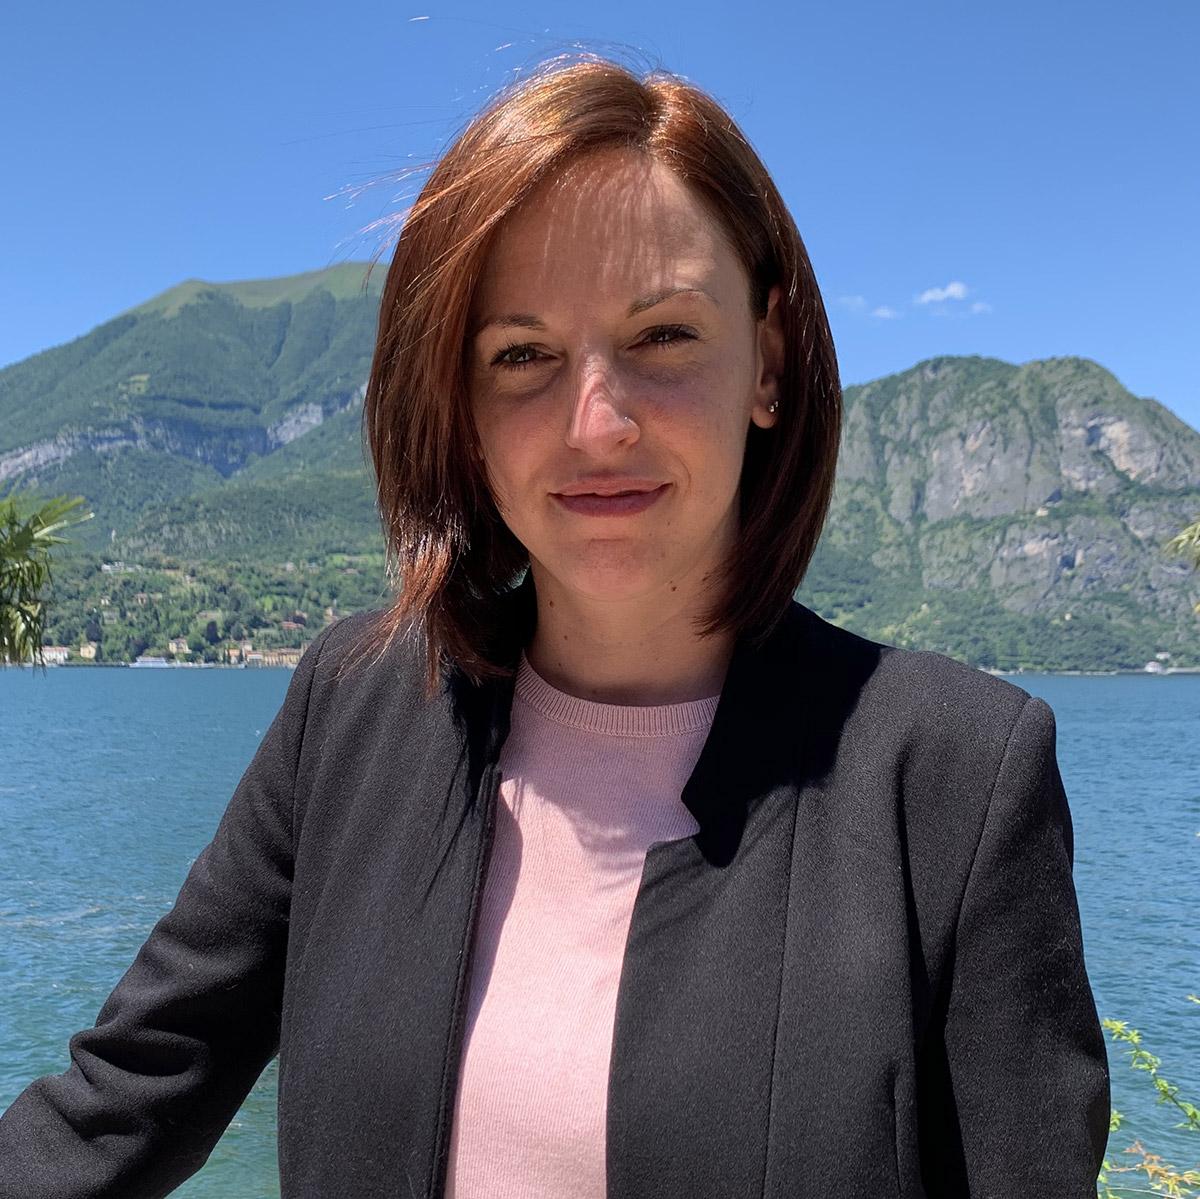 Silvia Bazzoni